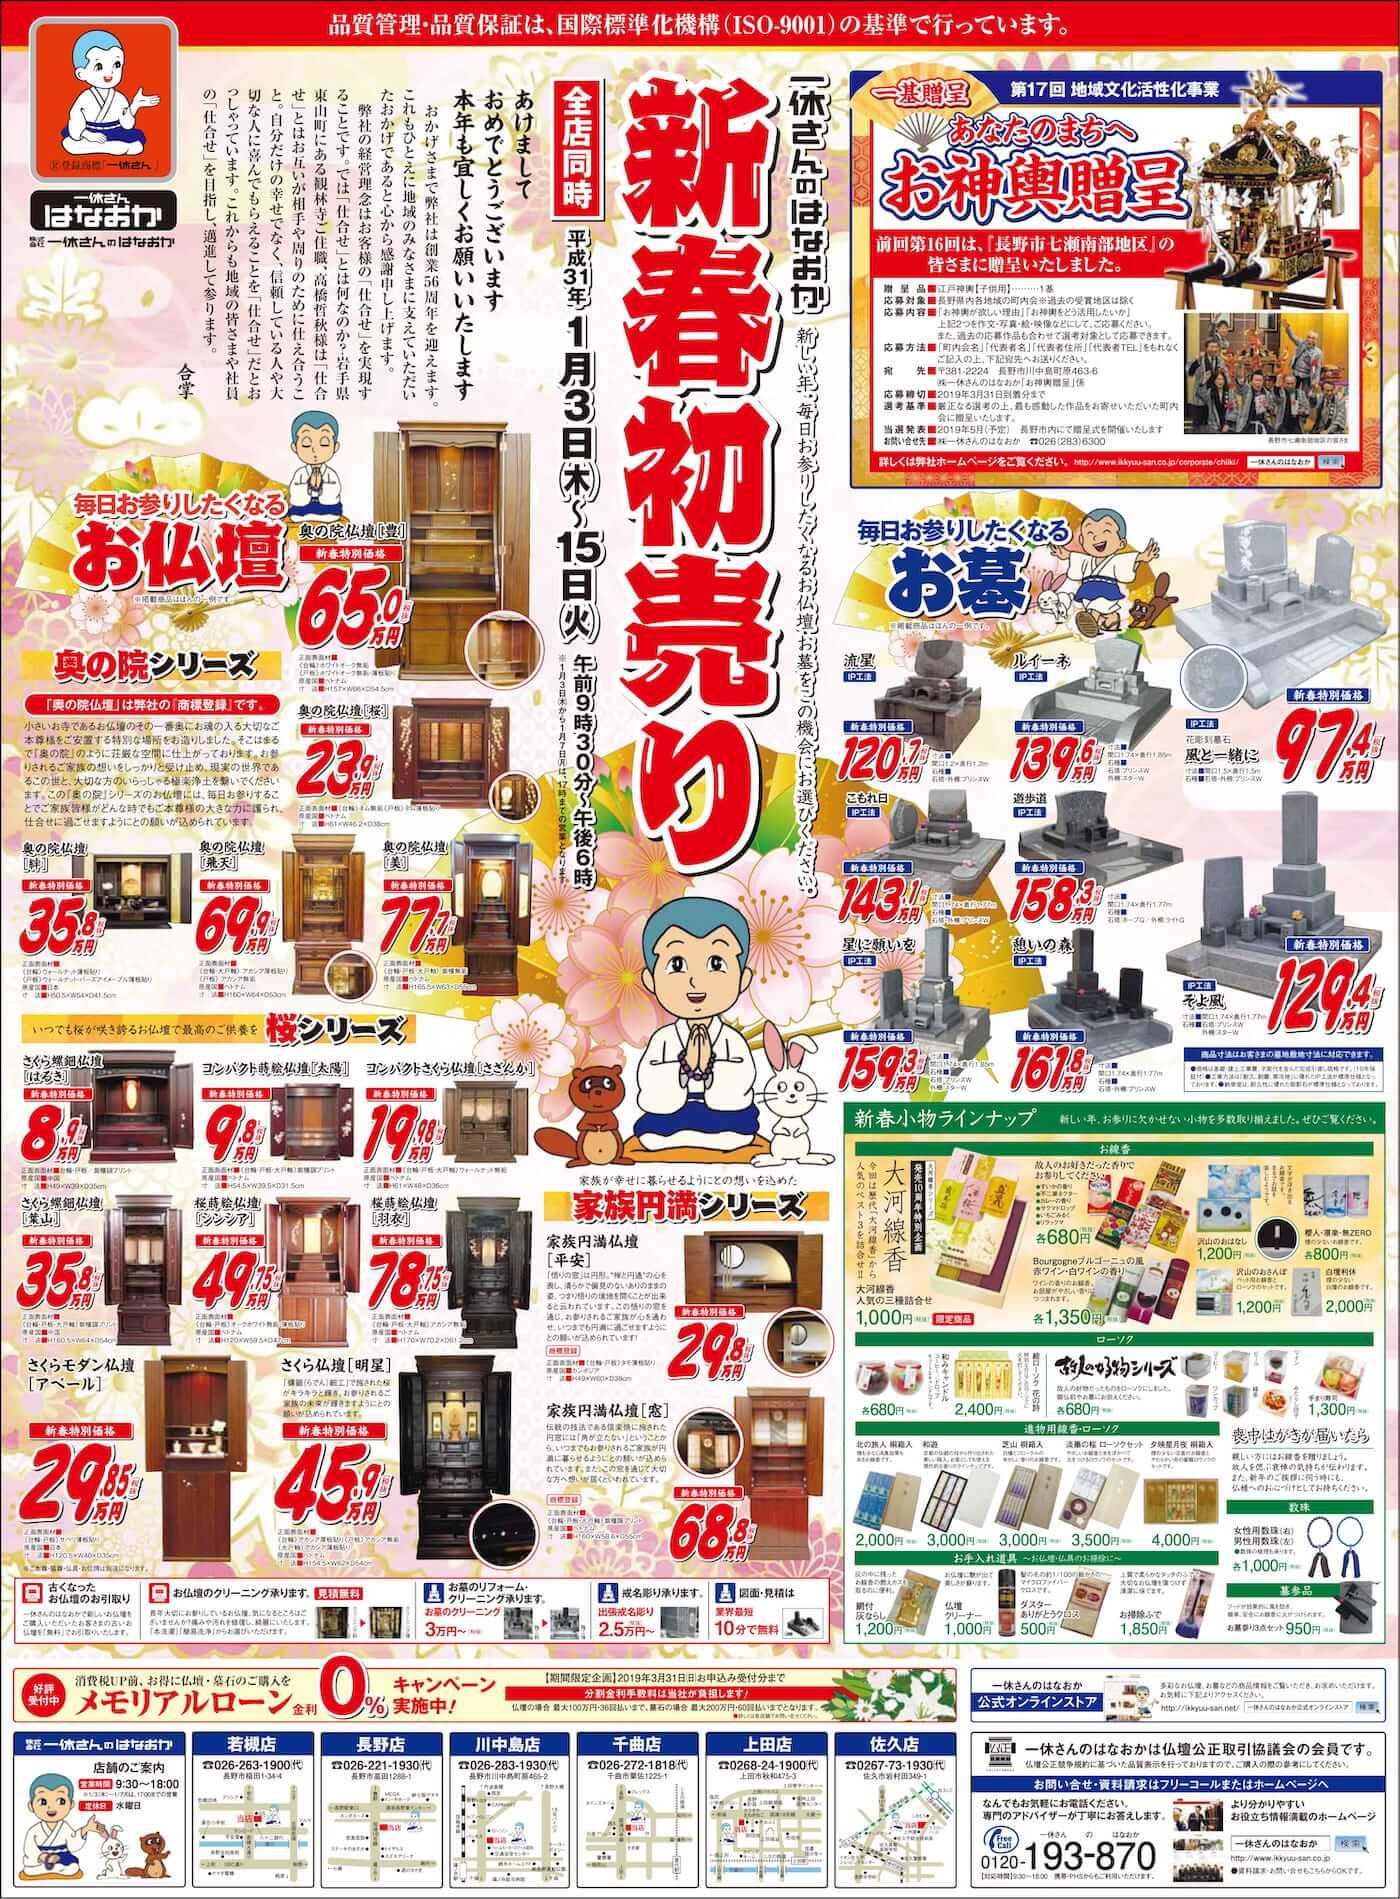 仏壇と墓石の新春初売りセール